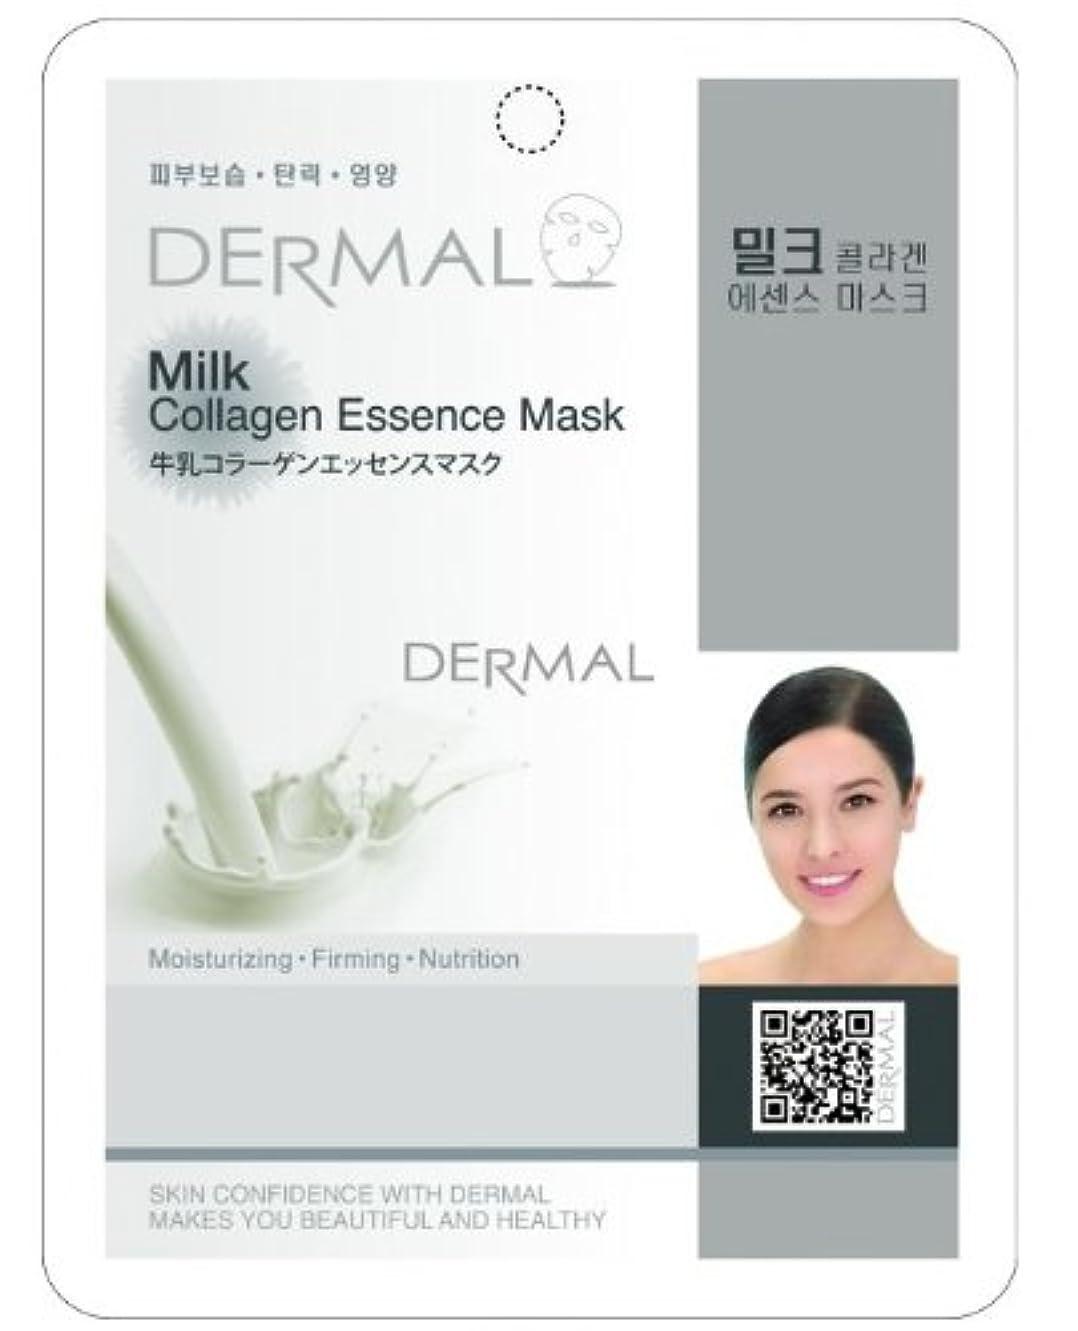 まばたきボルトひまわりミルクシートマスク(フェイスパック) 100枚セット ダーマル(Dermal)